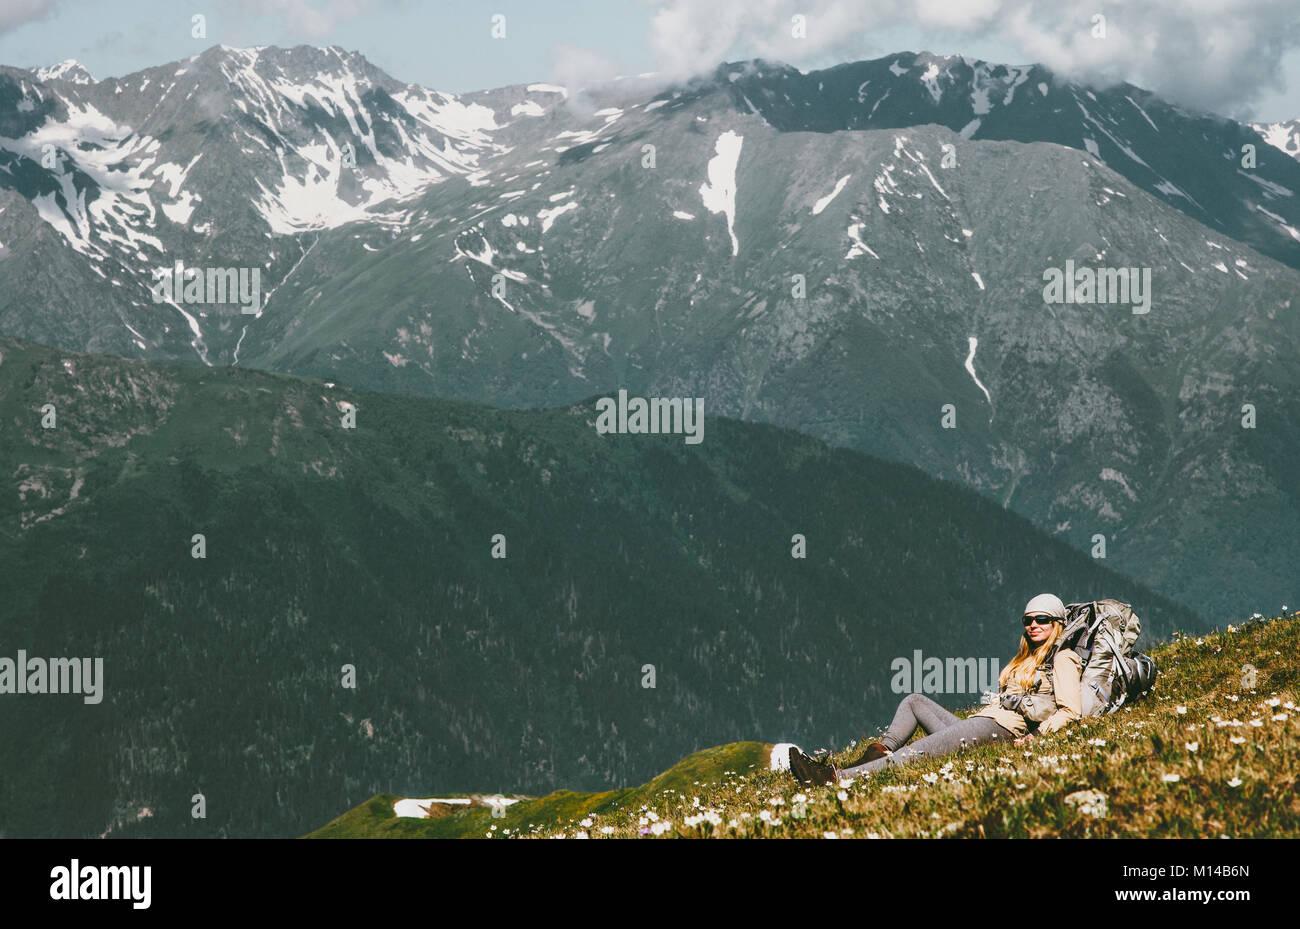 Donna relax in montagna che stabilisce con zaino wanderlust Viaggi avventura su uno stile di vita sano concetto Immagini Stock